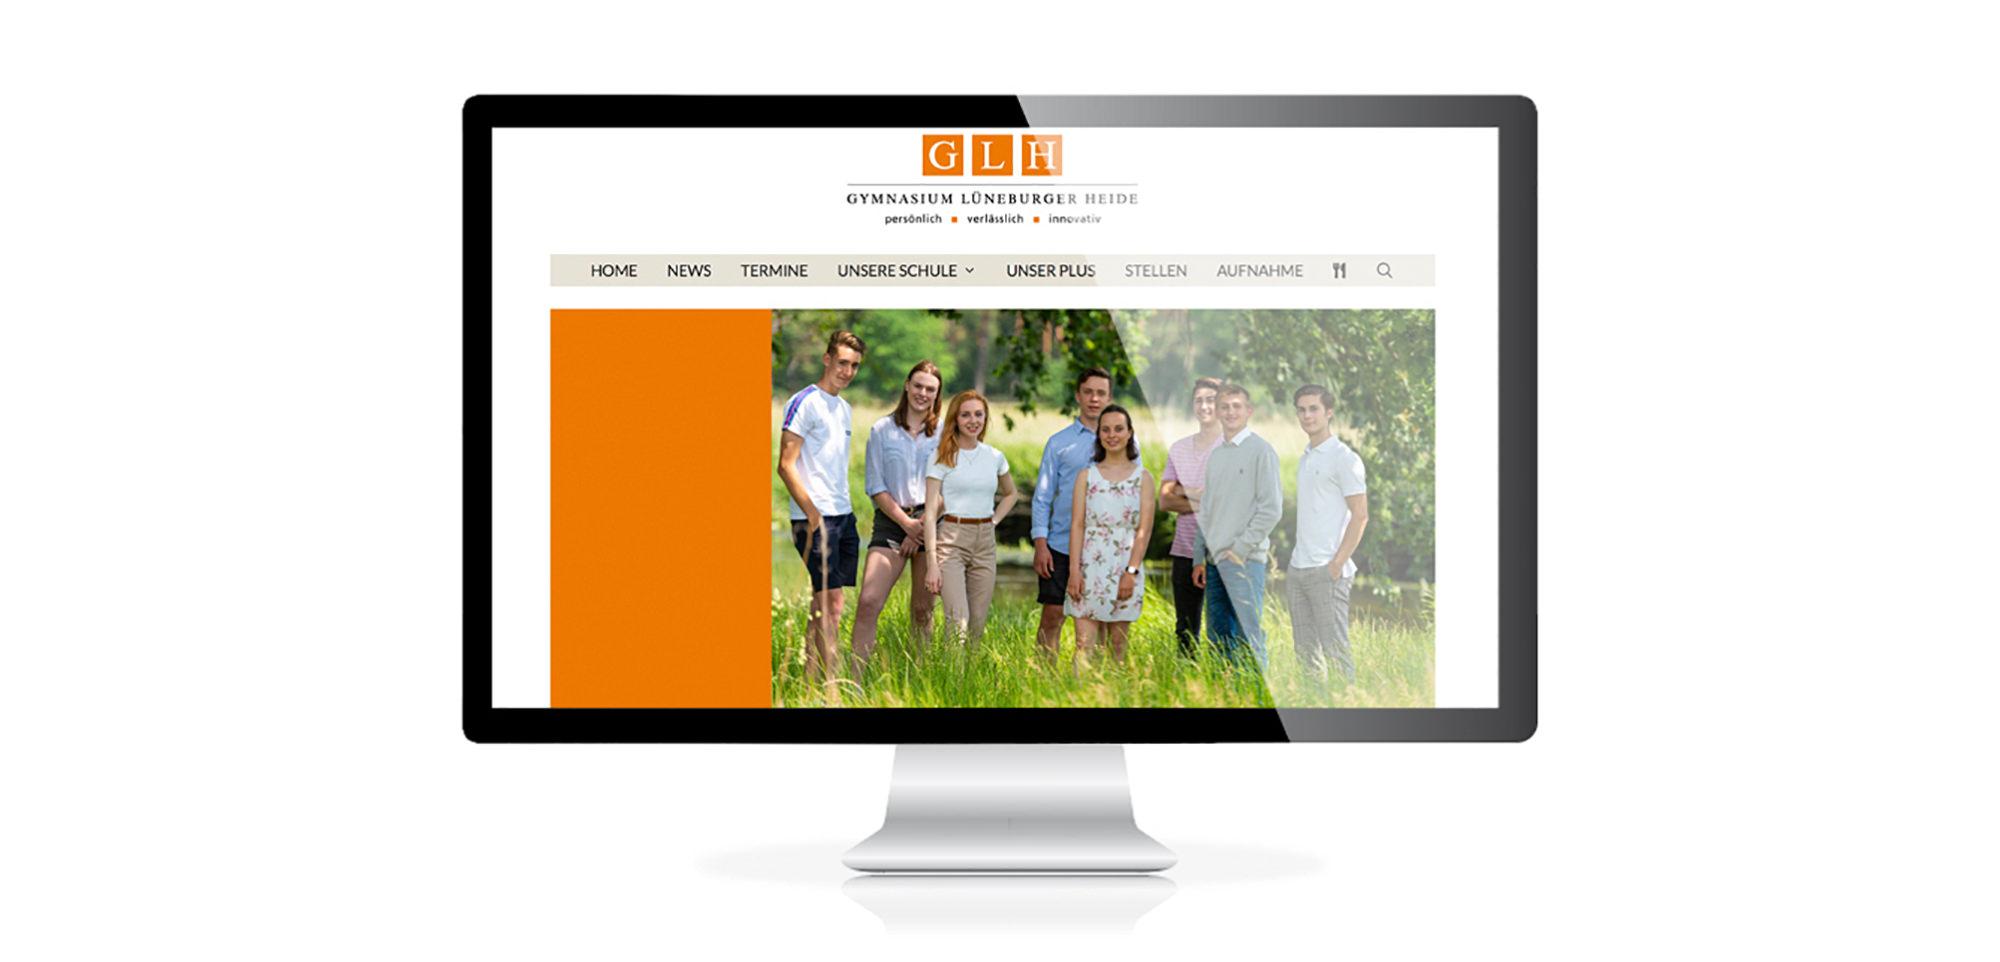 Neuestes Webdesign Projekt vom Lüneburger Kreativ Kontor für eine Schule